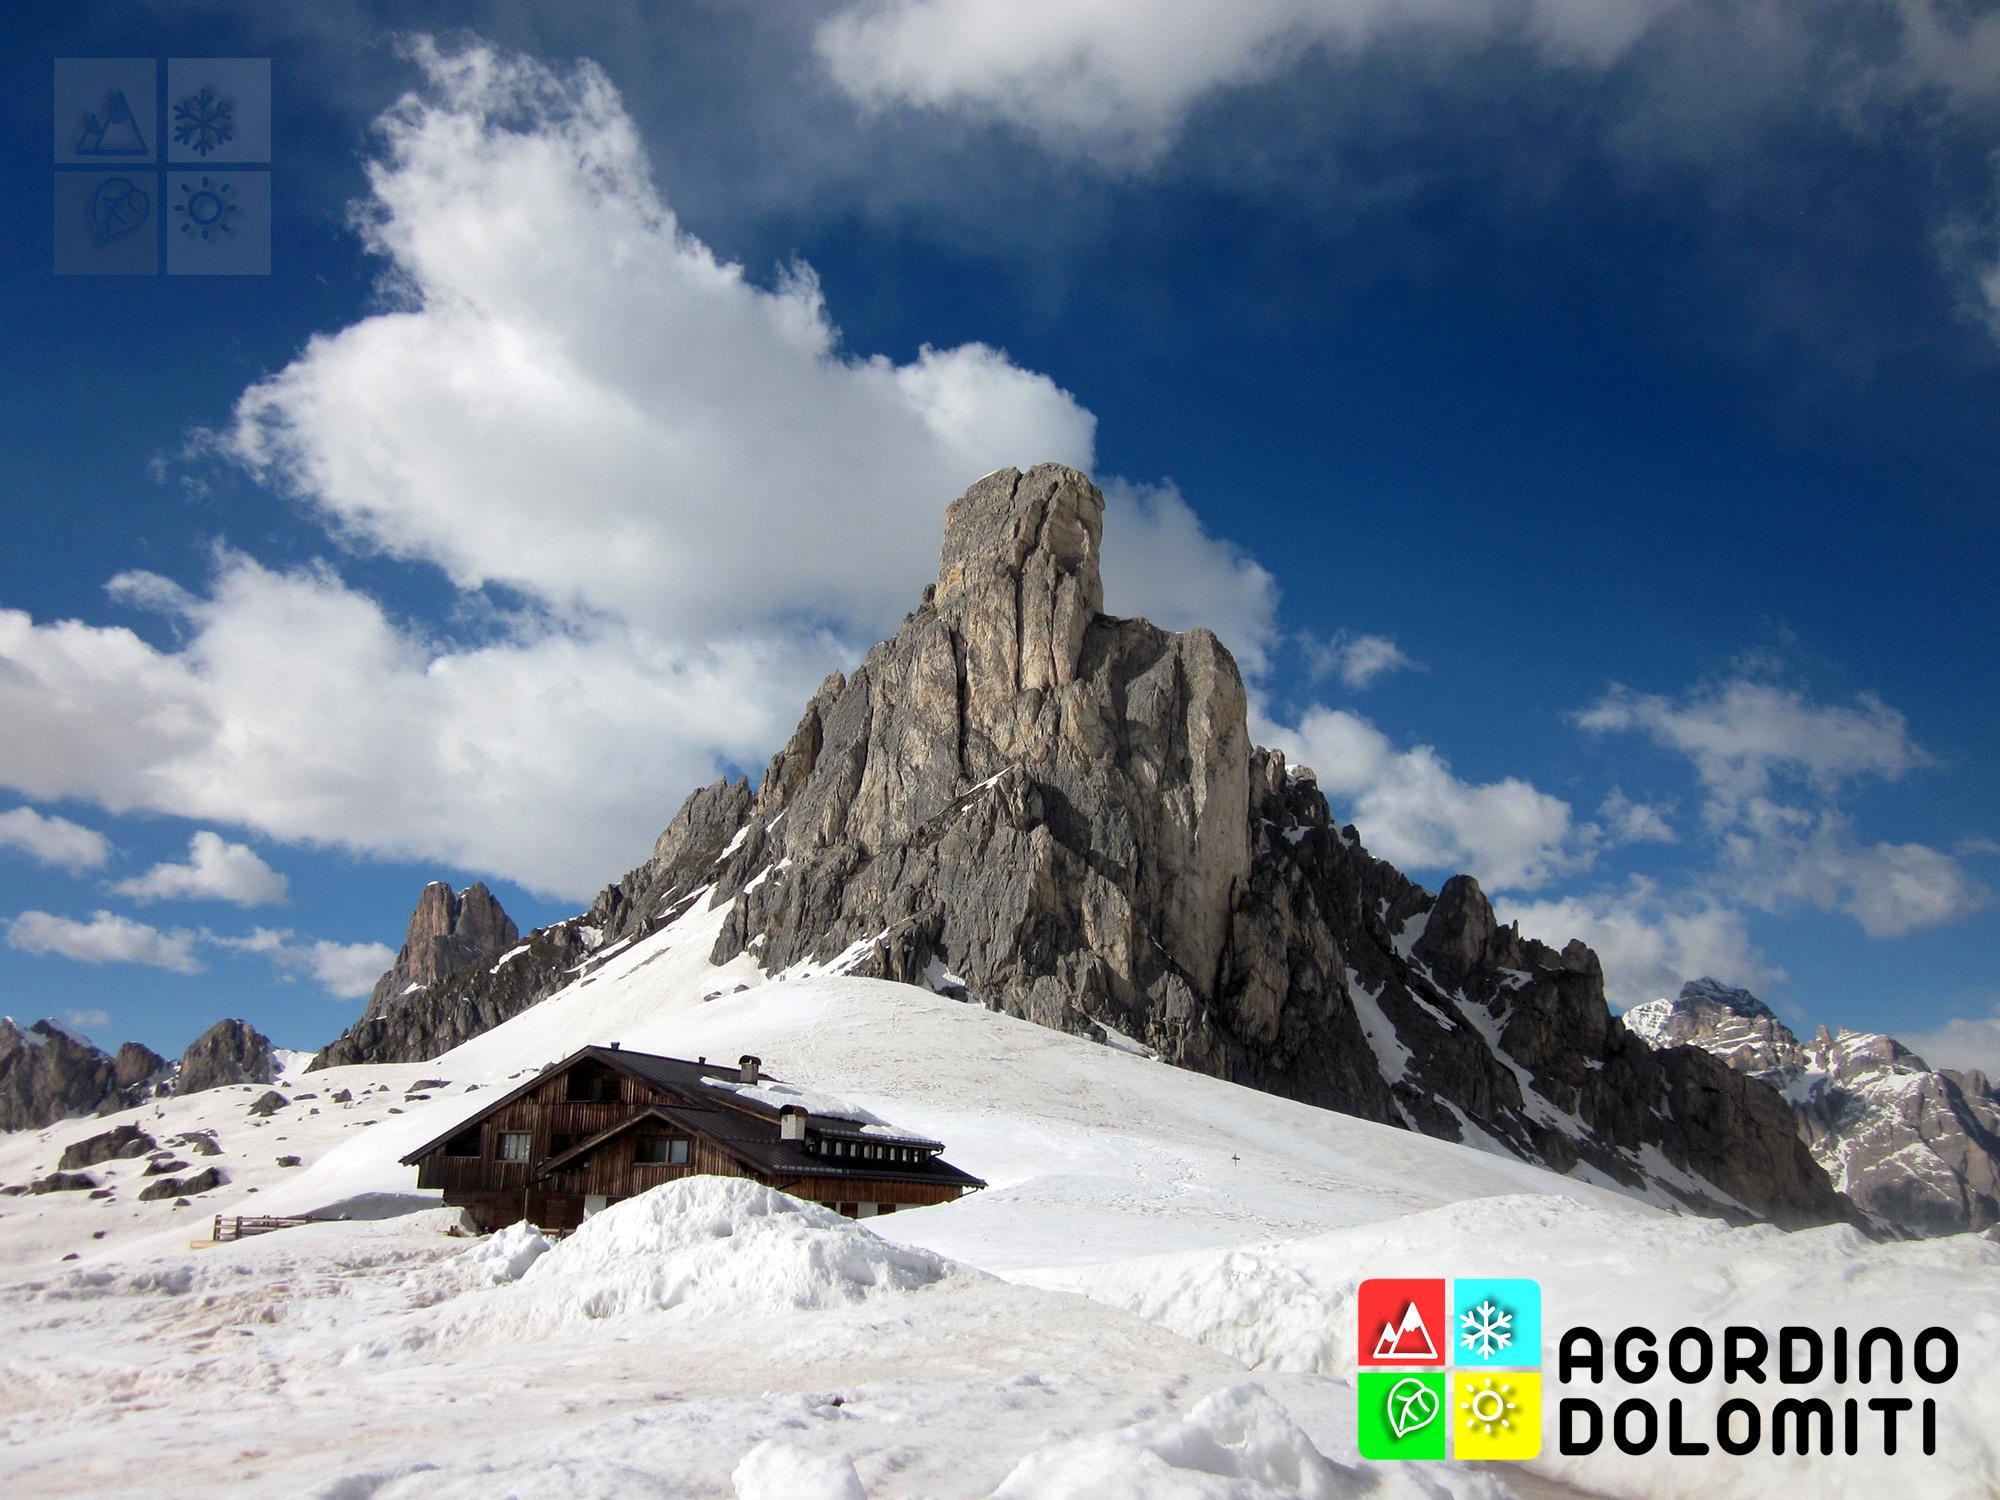 Lavoro Agile nelle Dolomiti UNESCO